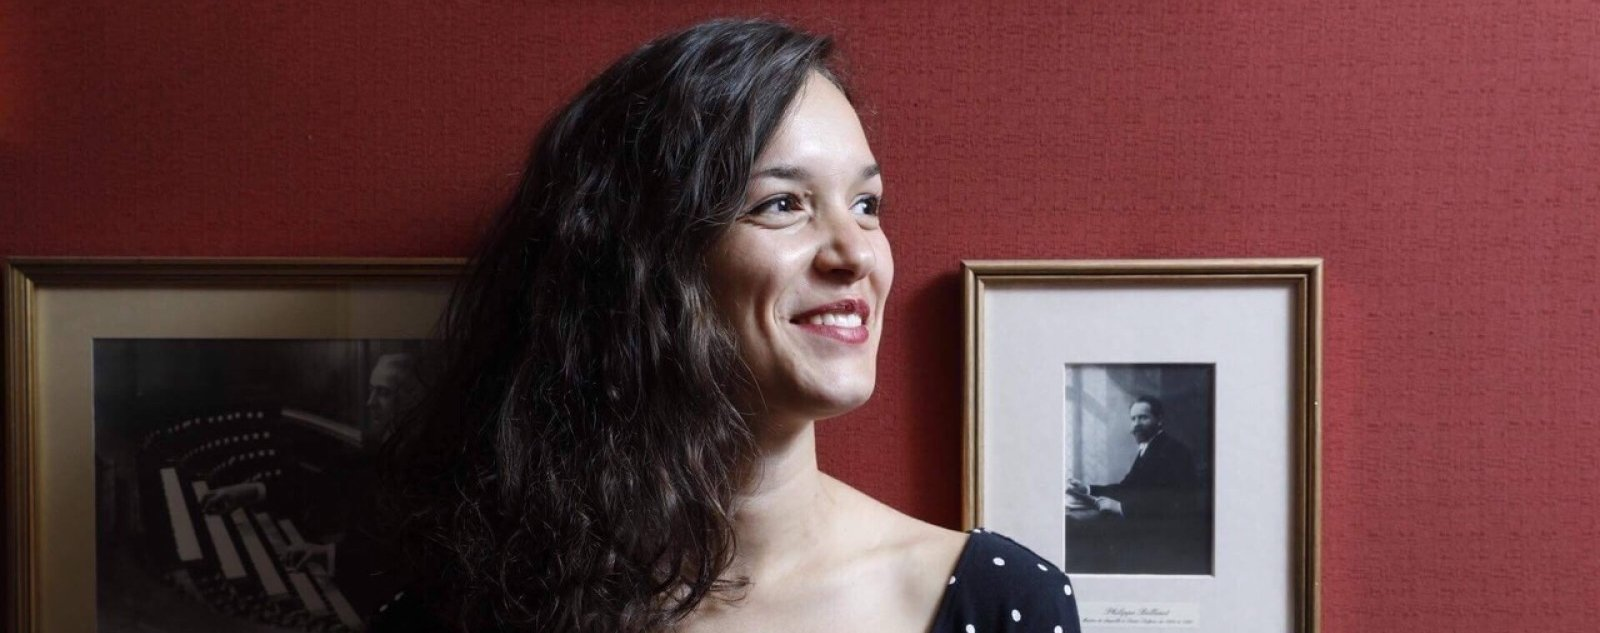 Loriane Llorca